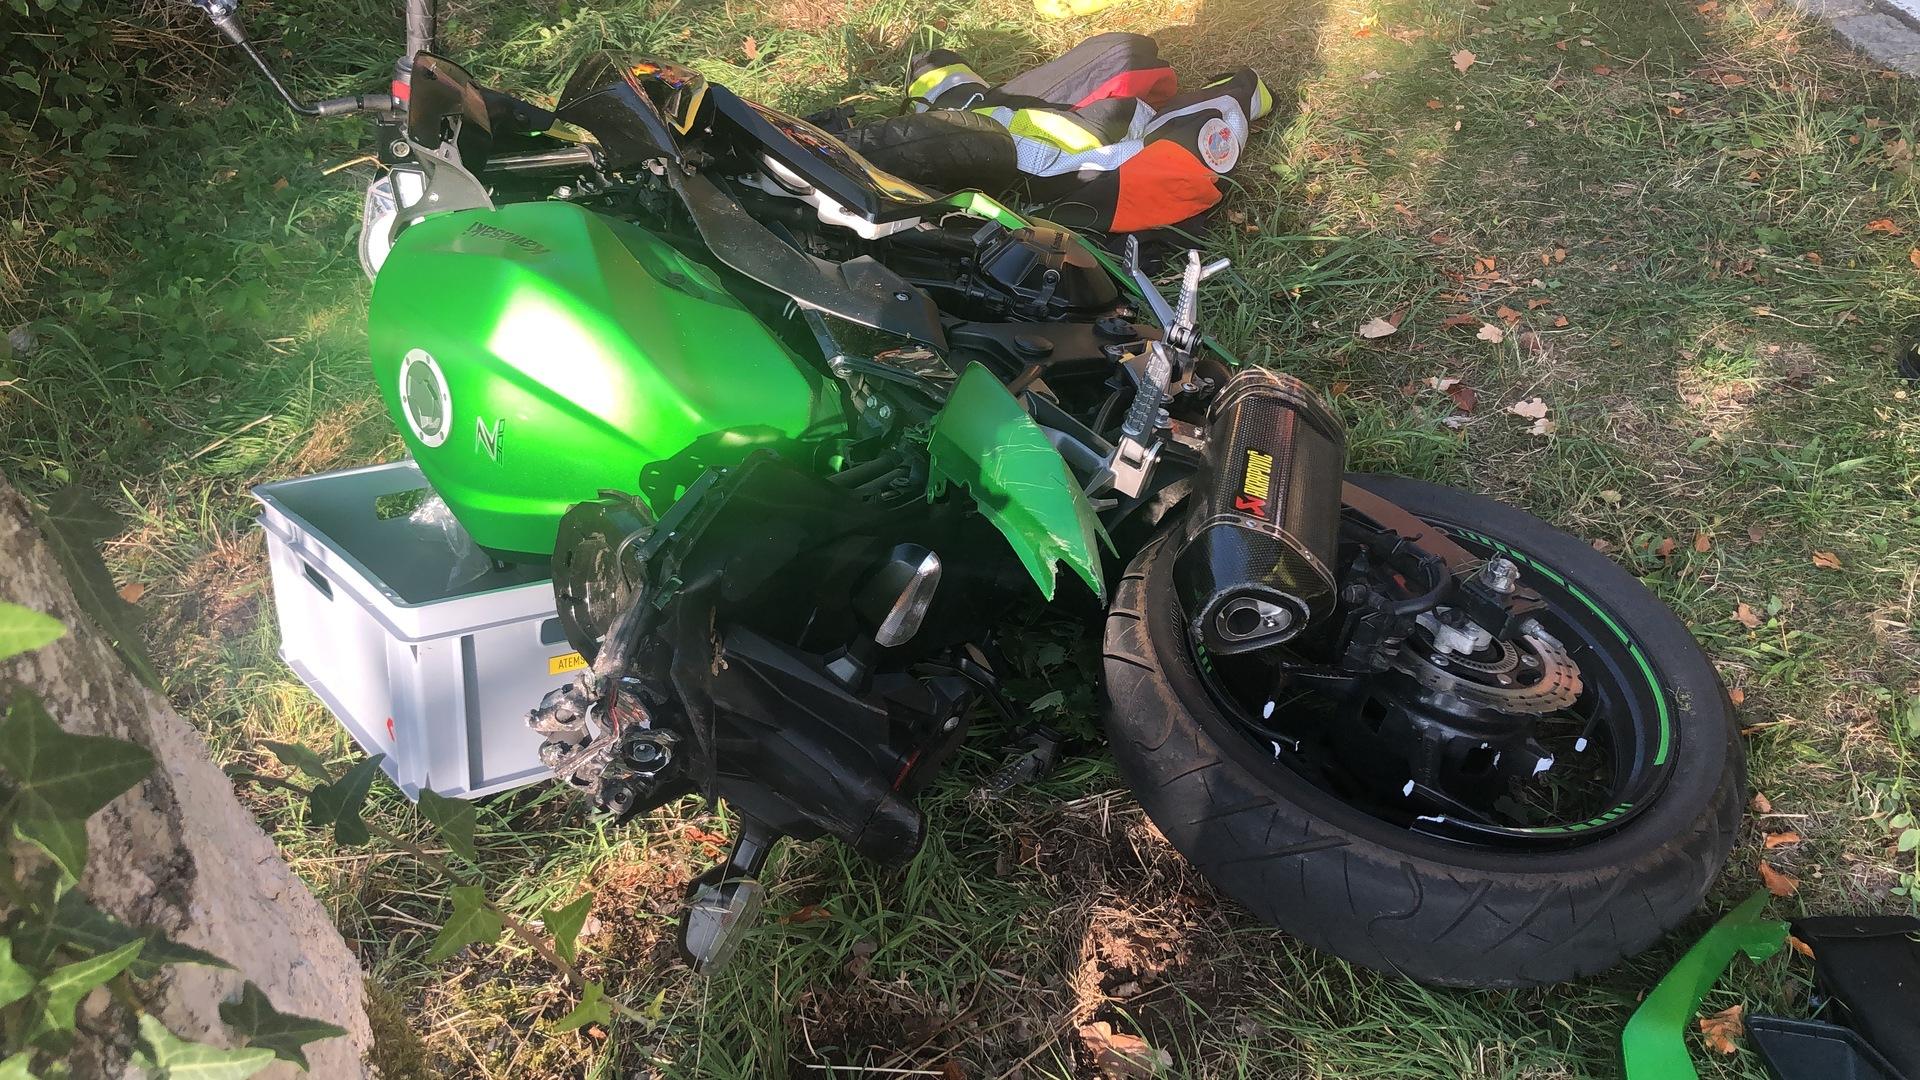 Sortie de route :Une motarde a eu un grave accident dans le nord du pays